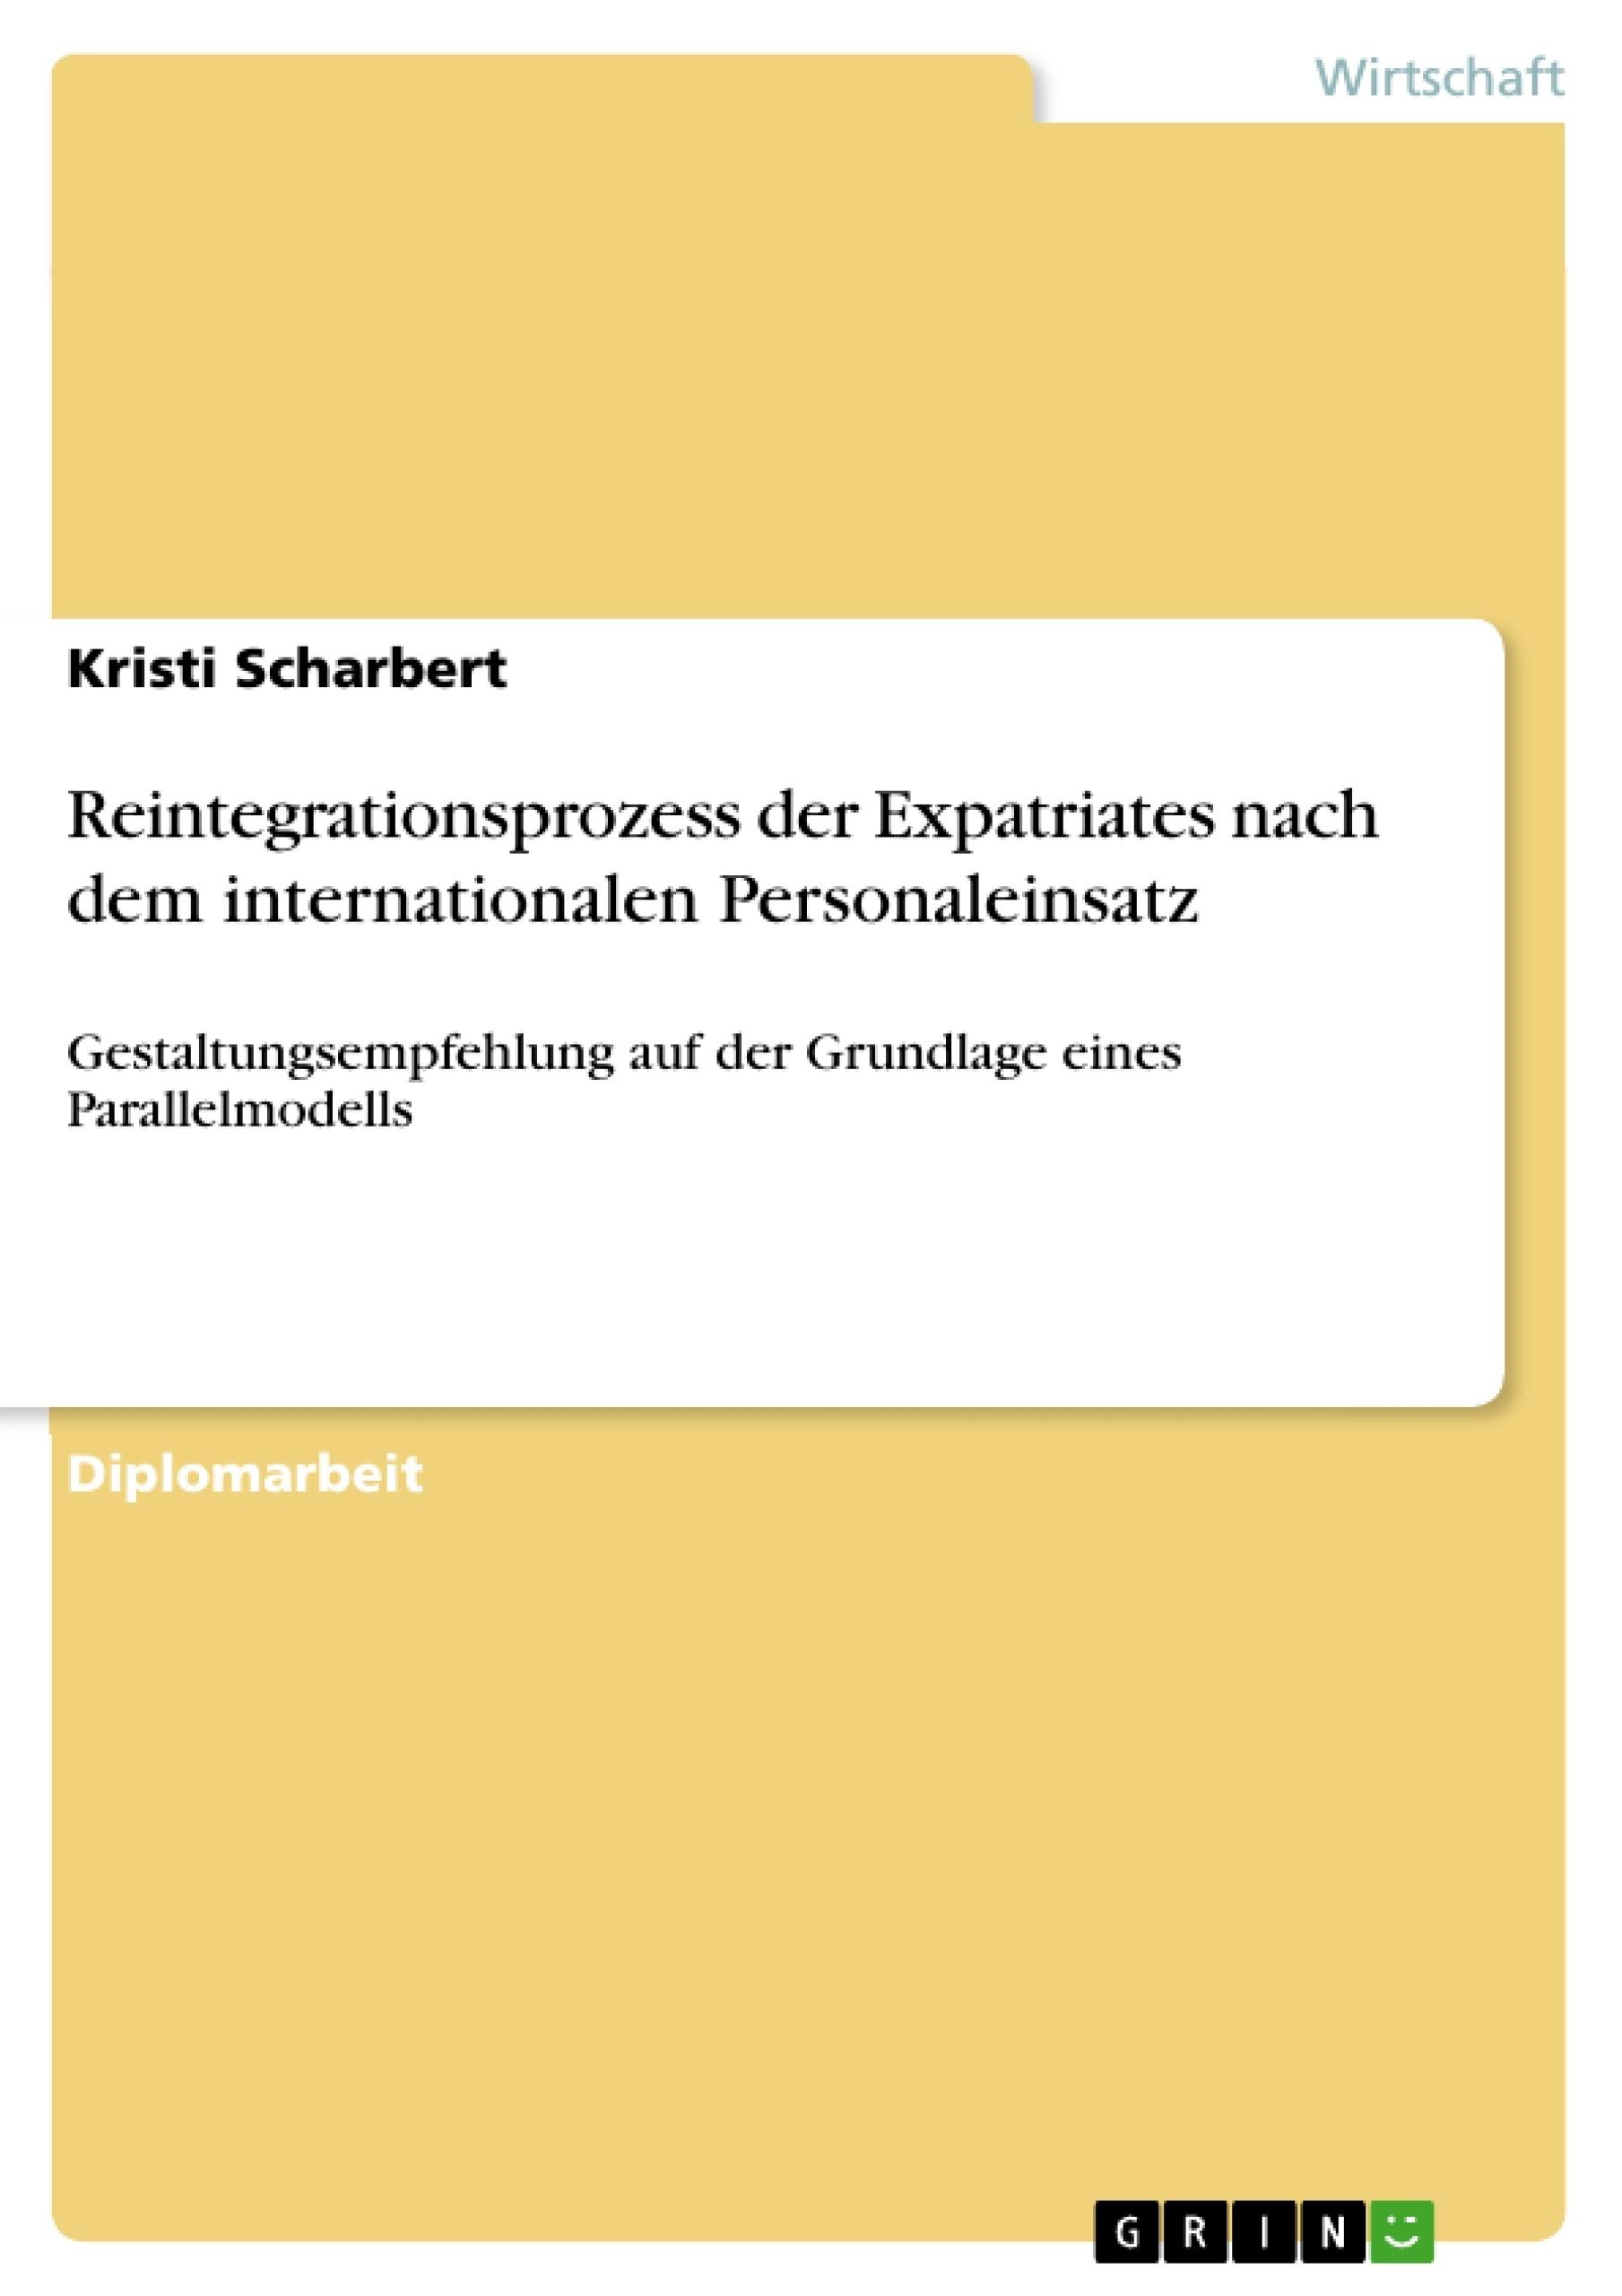 Titel: Reintegrationsprozess der Expatriates nach dem internationalen Personaleinsatz